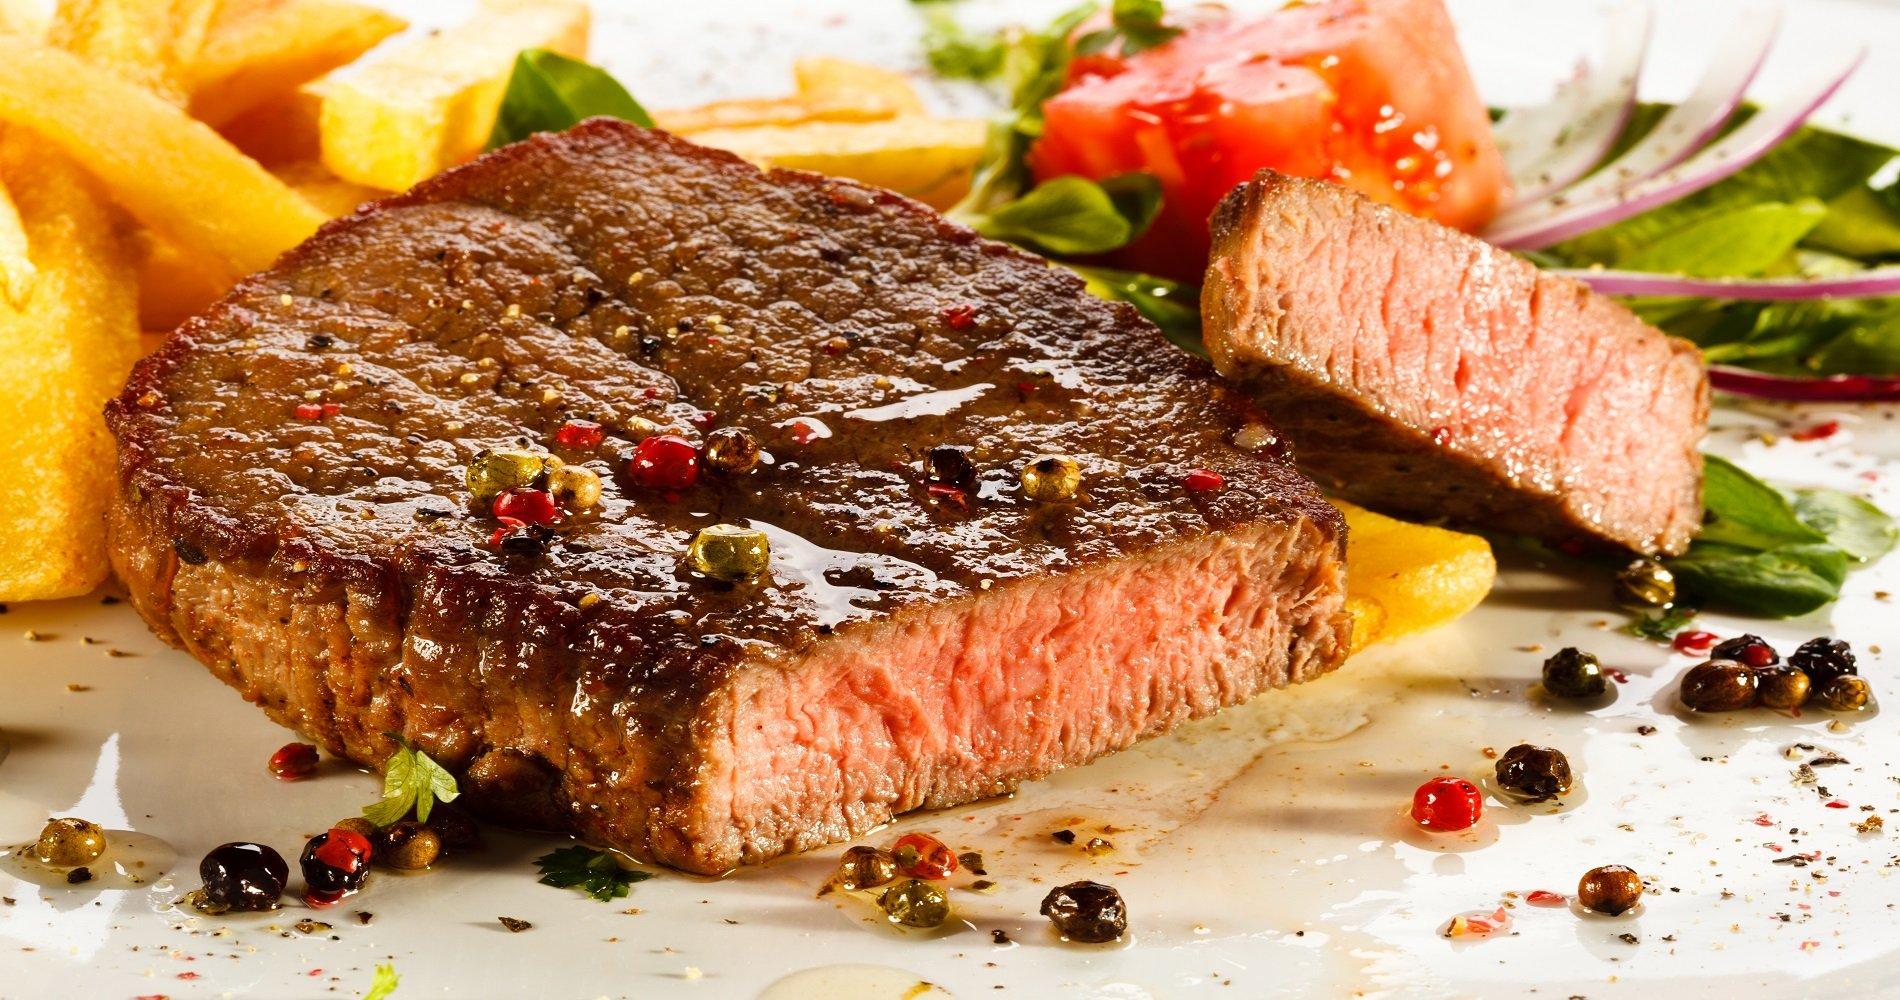 un piatto di carne,patatine, pomodori e insalata